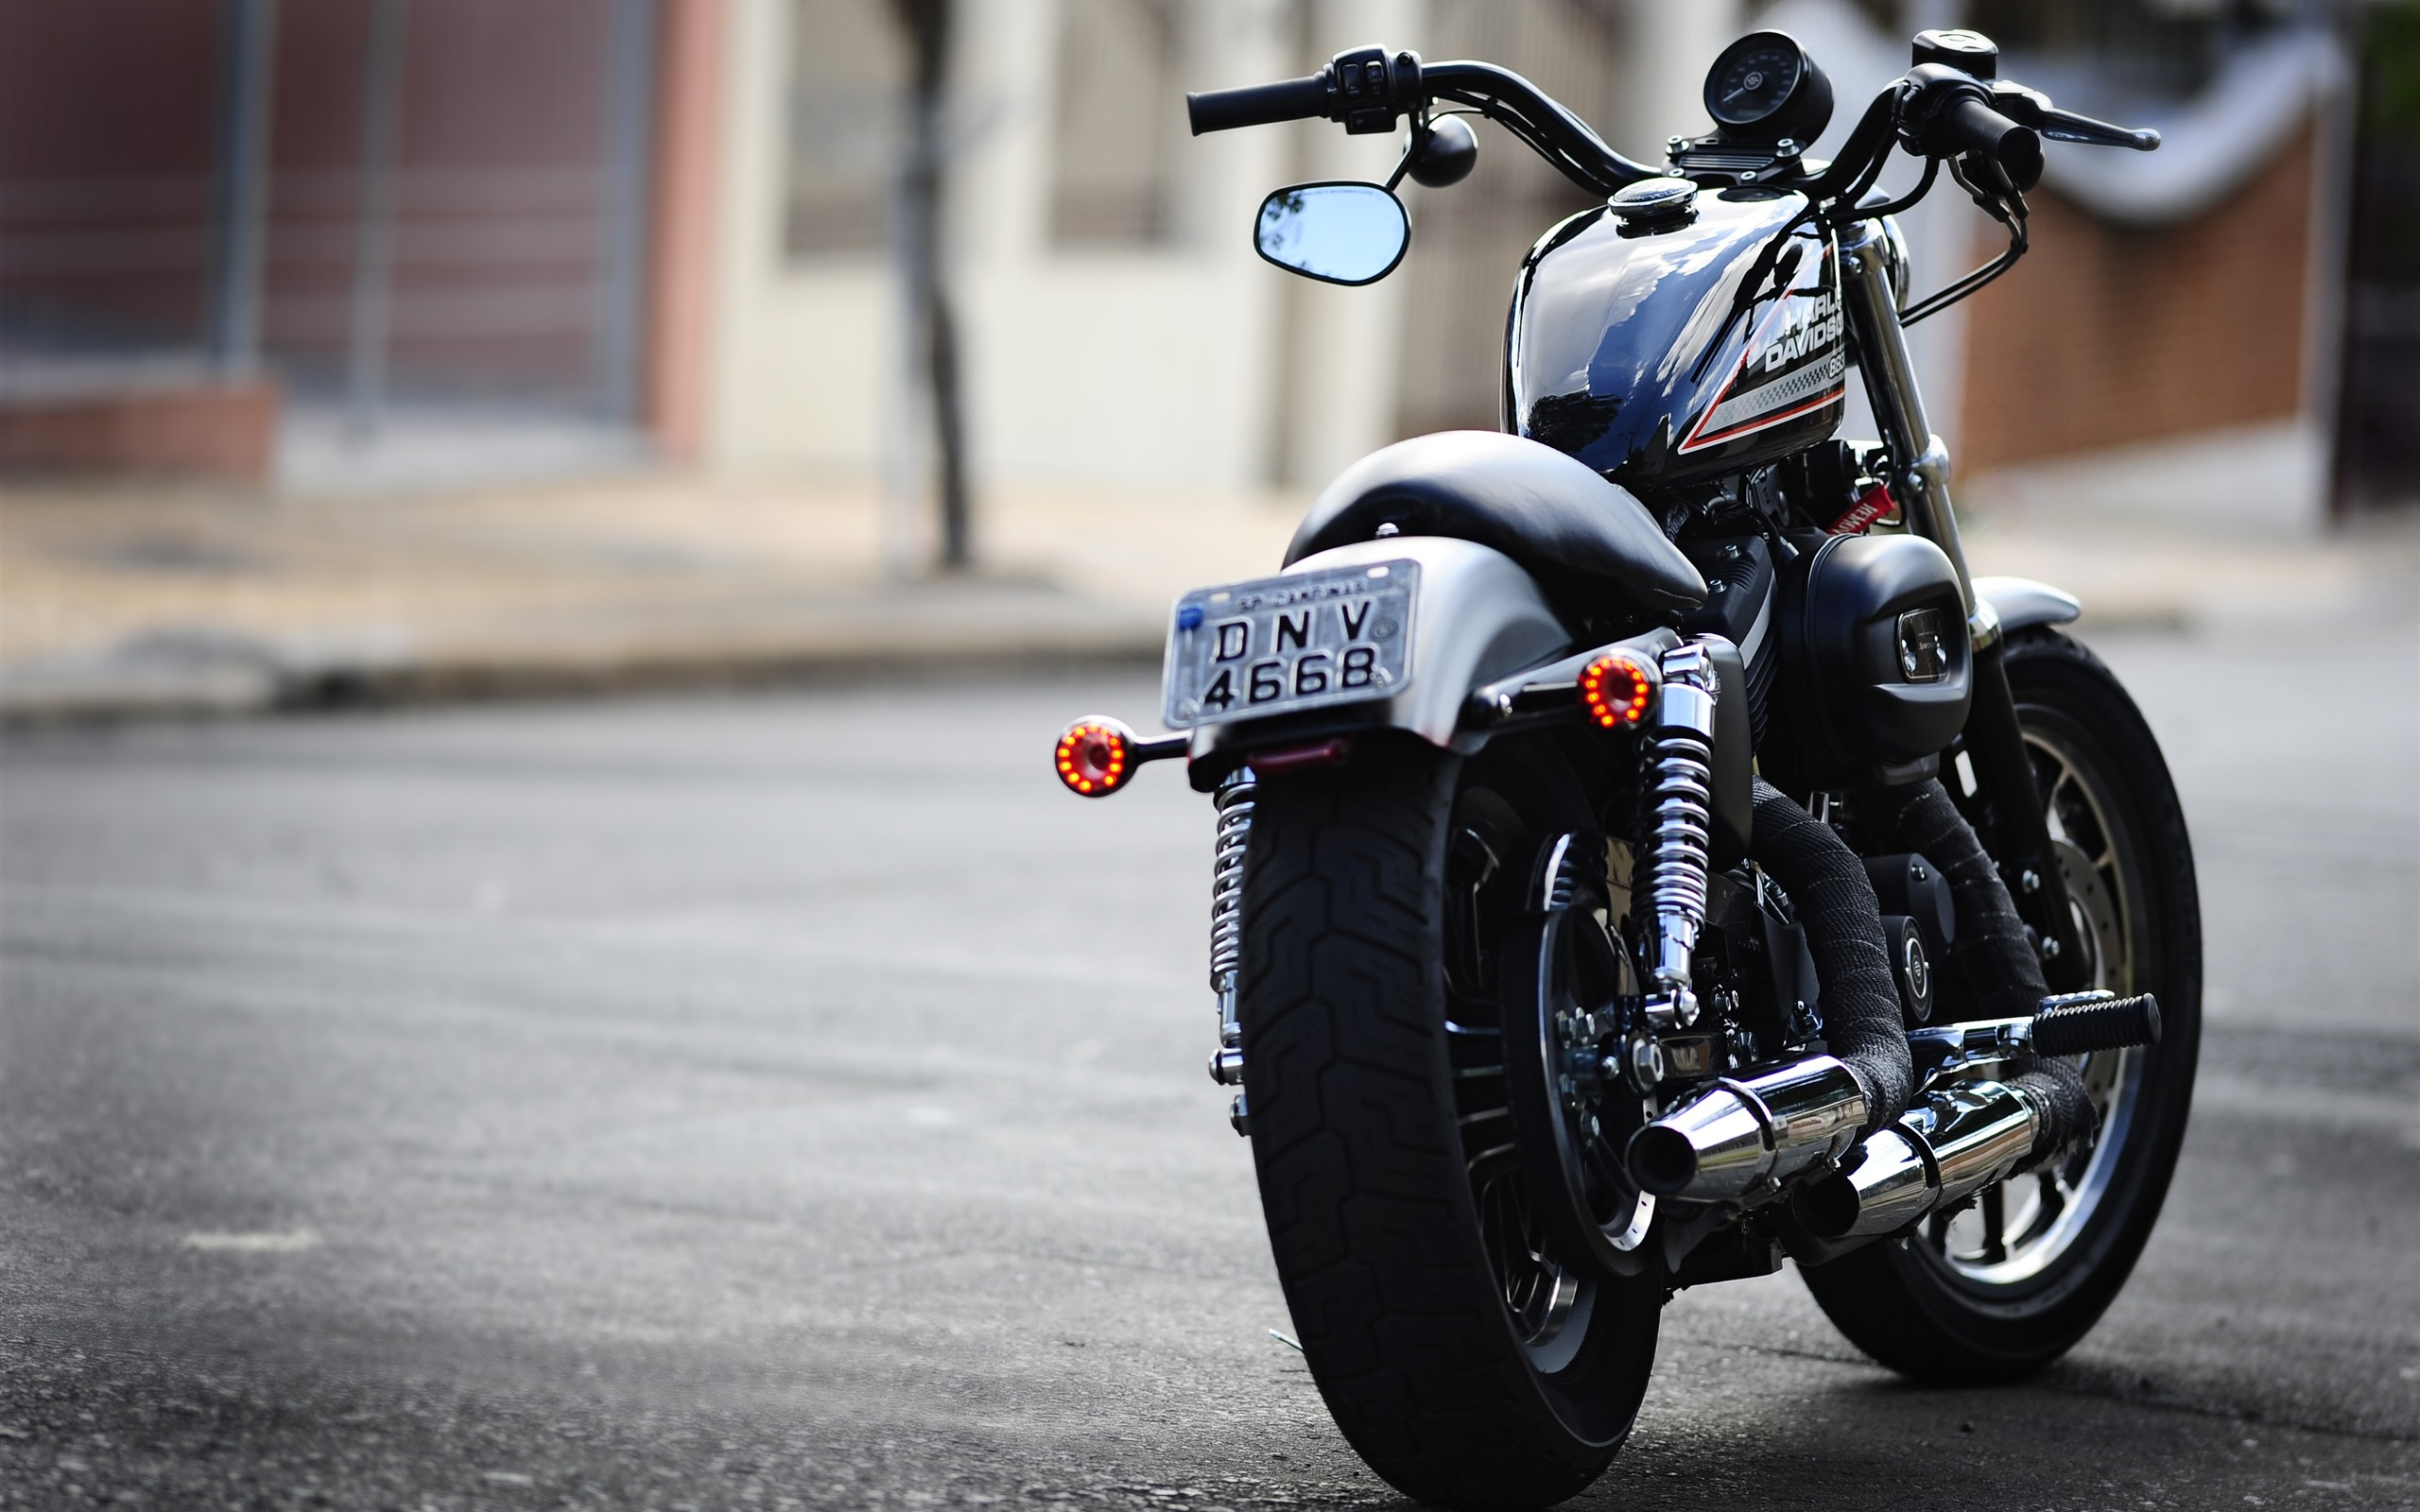 ハーレーダビッドソンバイクの背面図 1242x26 Iphone 11 Pro Xs Max 壁紙 背景 画像